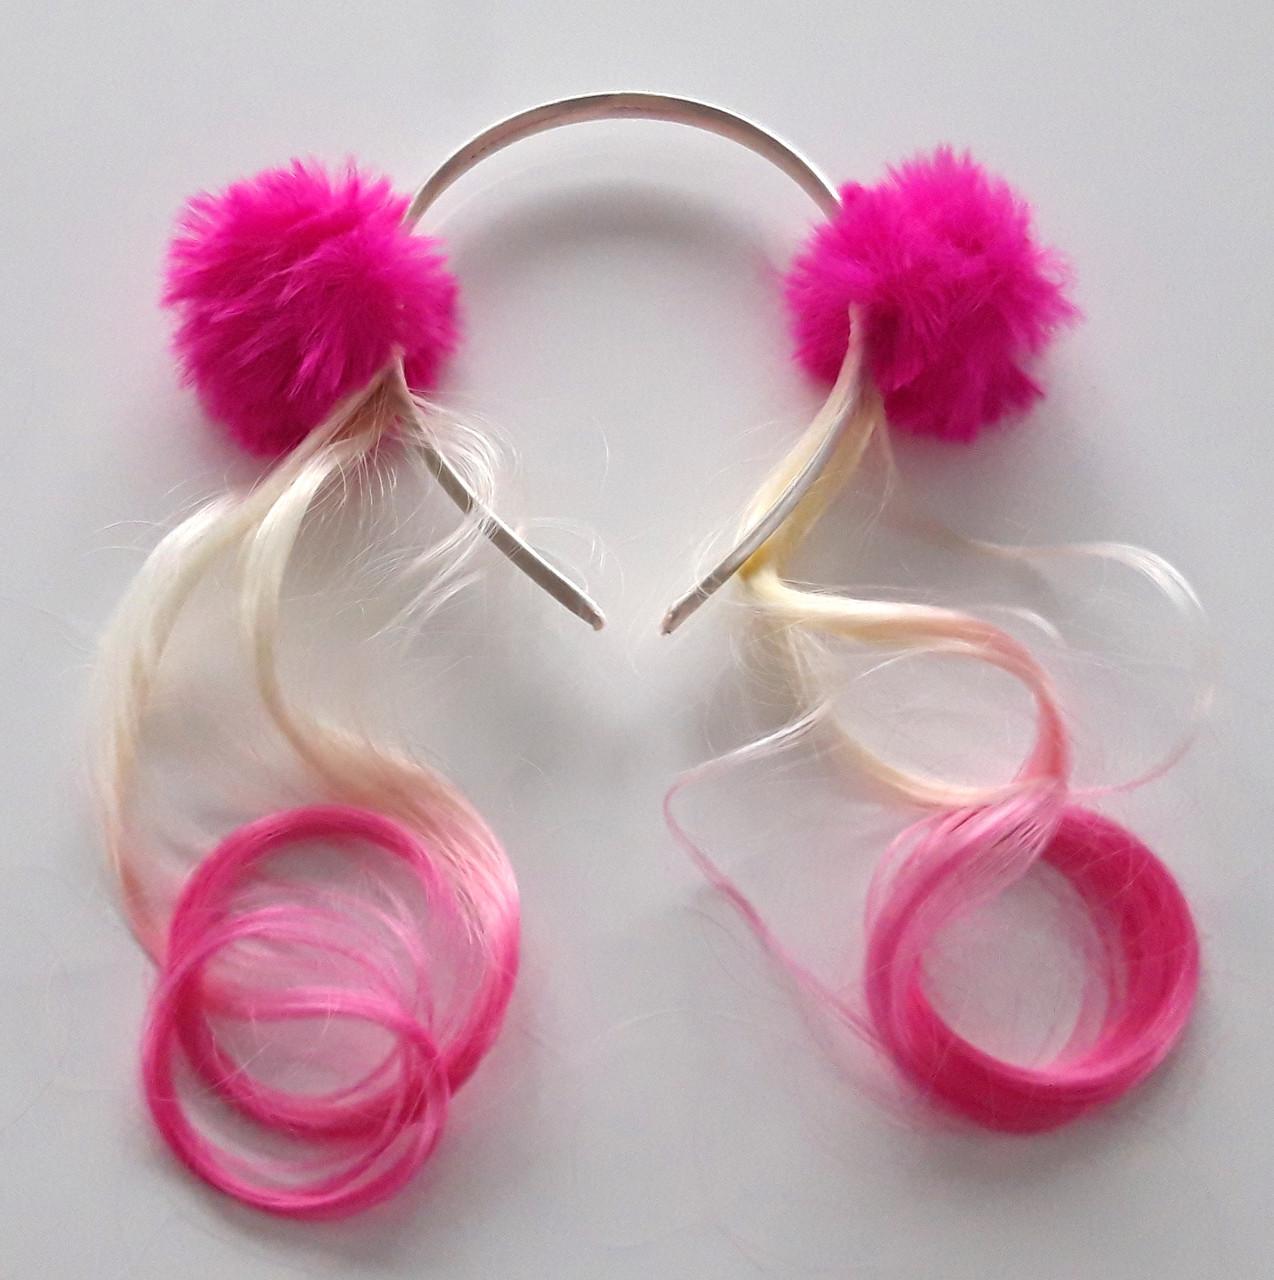 Обруч для волос с локонами два помпона, малиновый